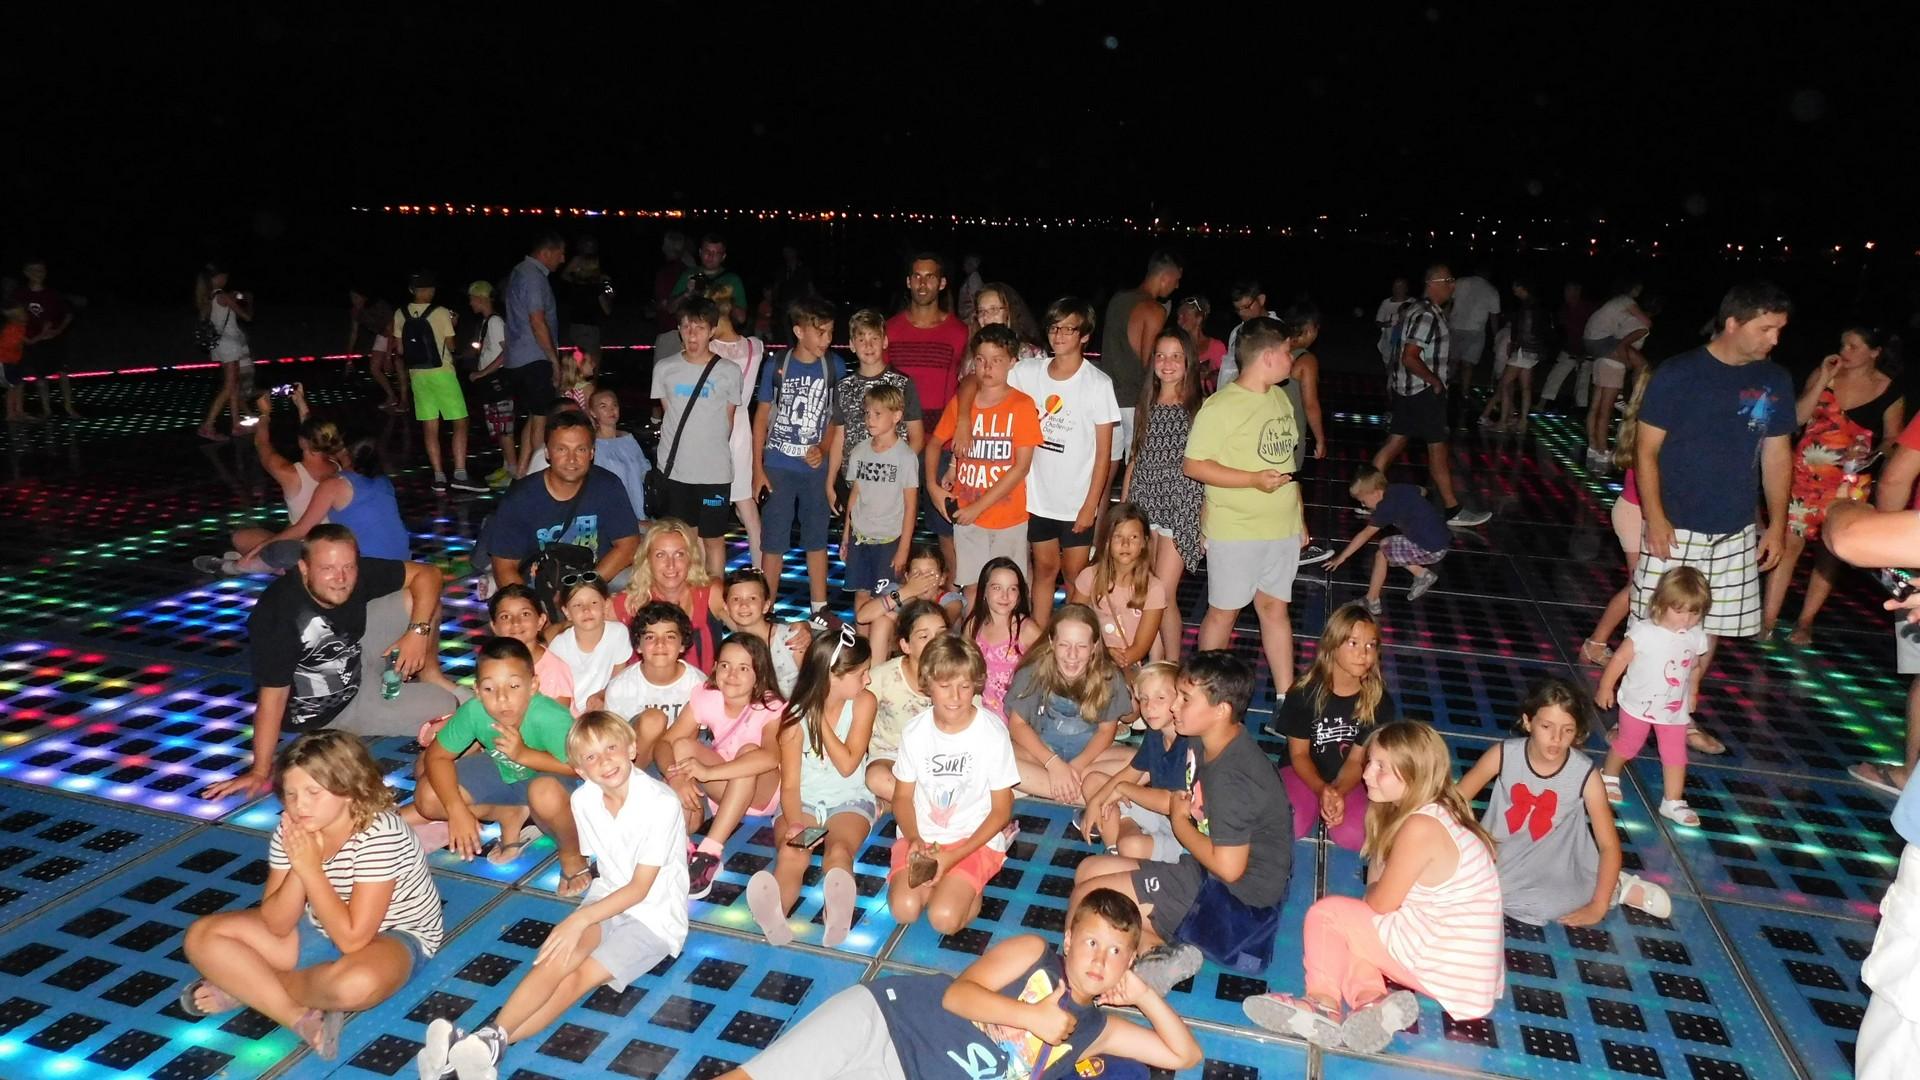 Tenis kamp Zaton 2017 (78)